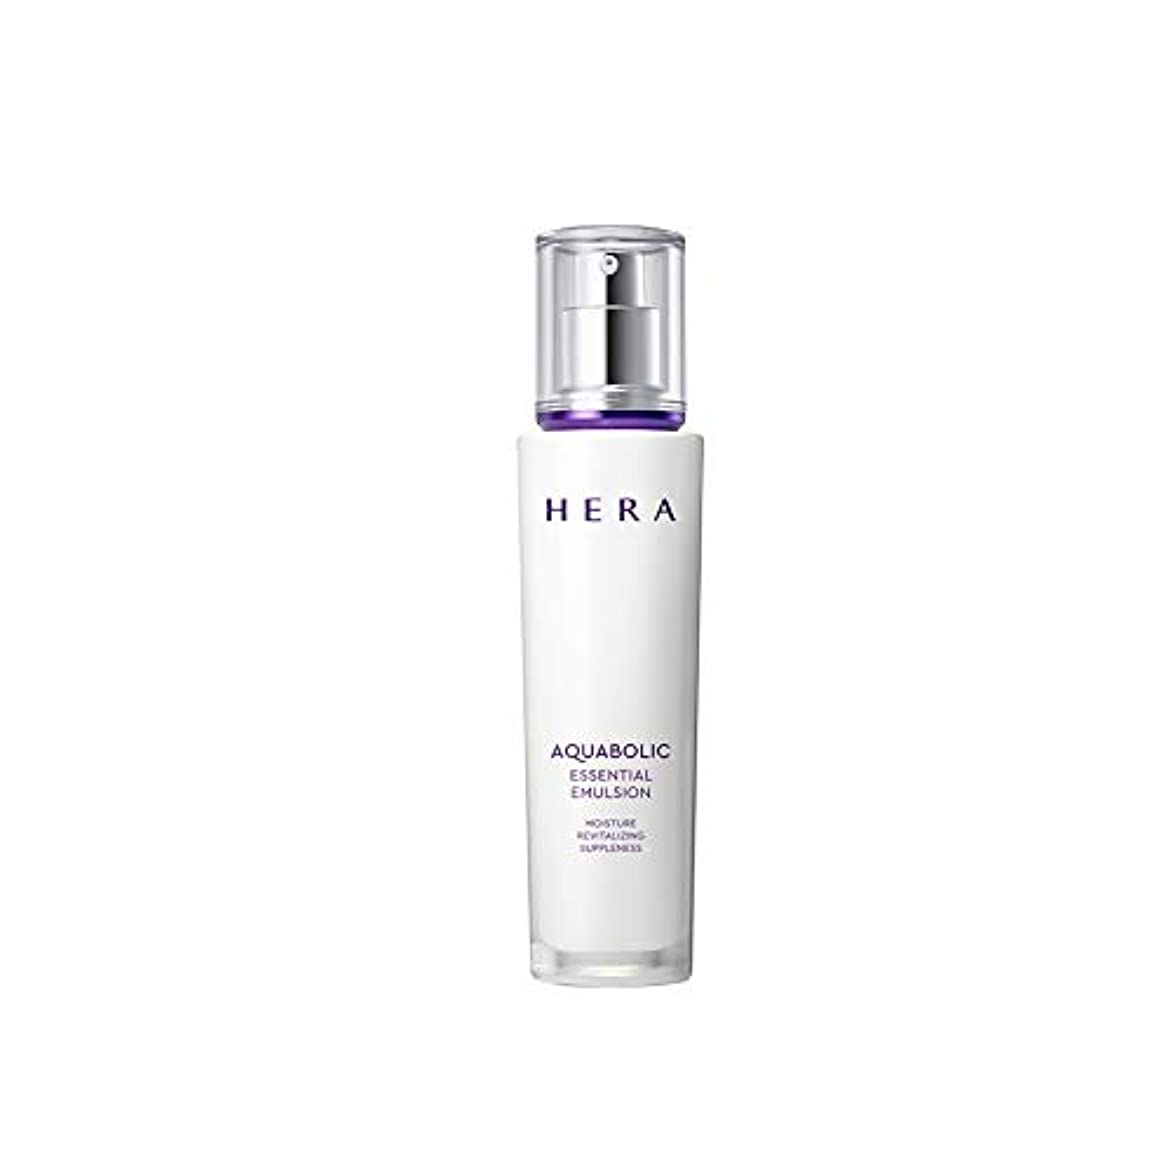 カバー屈辱する呼吸【HERA公式】ヘラ アクアボリック エッセンシャル エマルジョン 120mL/HERA Aquabolic Essential Emulsion 120mlL